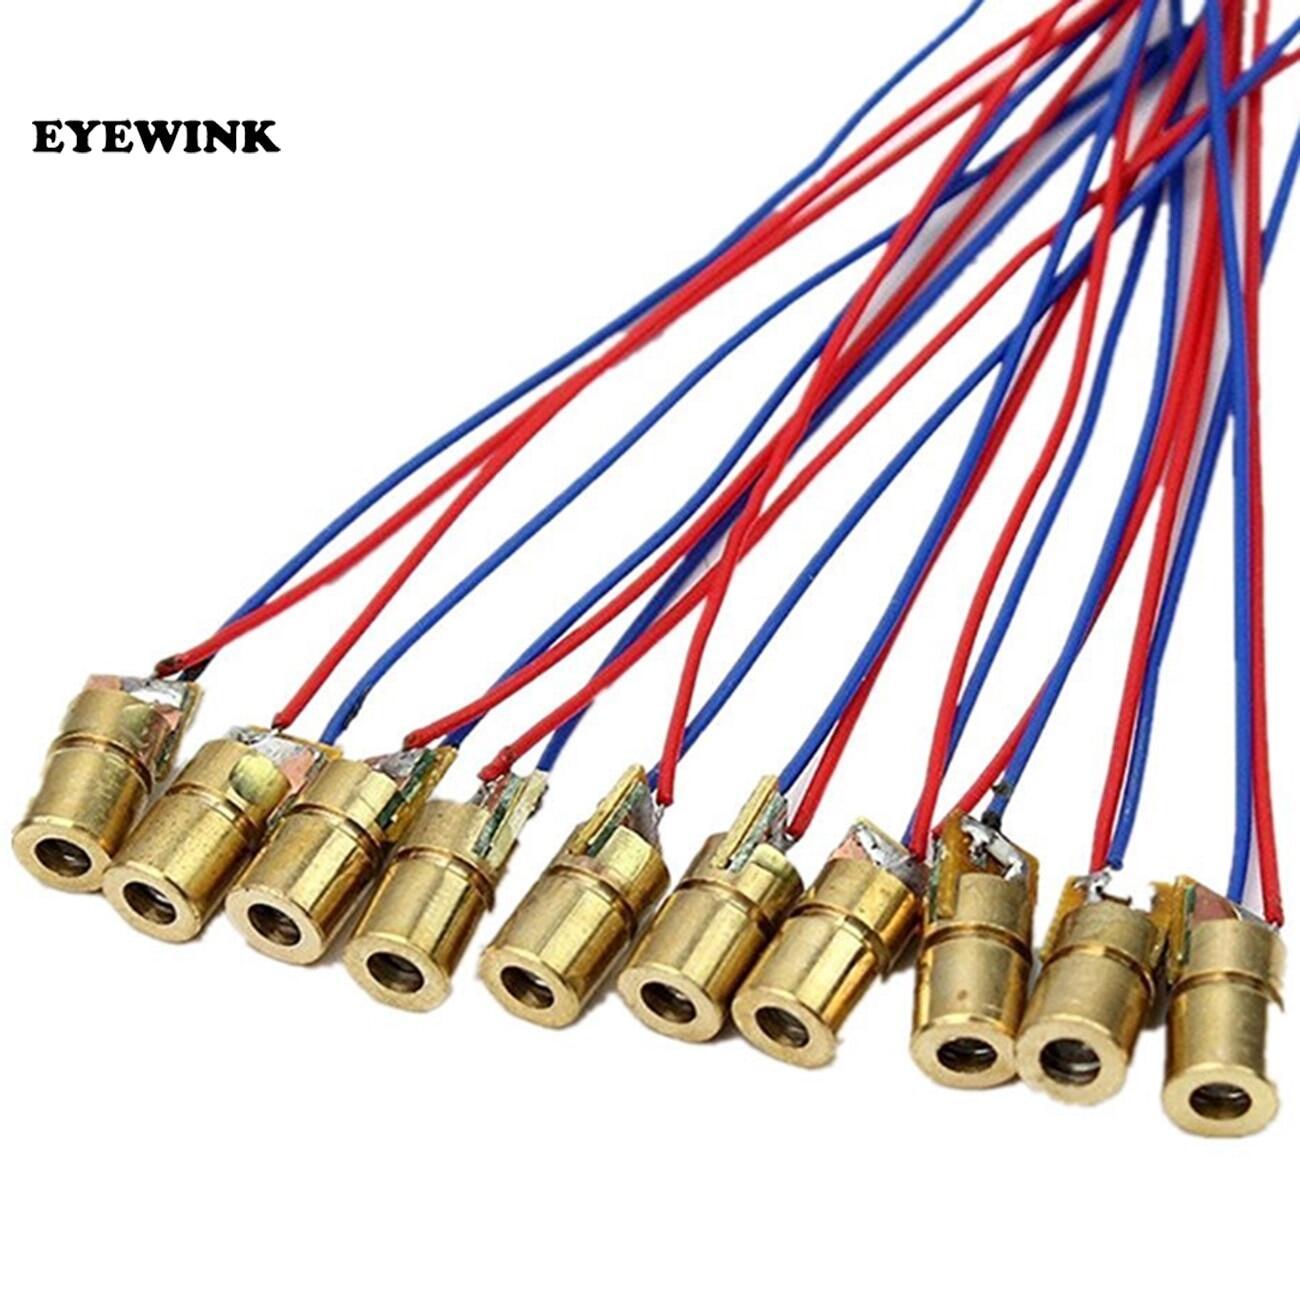 100 Cái/lốc 650nm 6Mm 3V/5V 5MW Laser Diode Dot Đun Copper Red Head